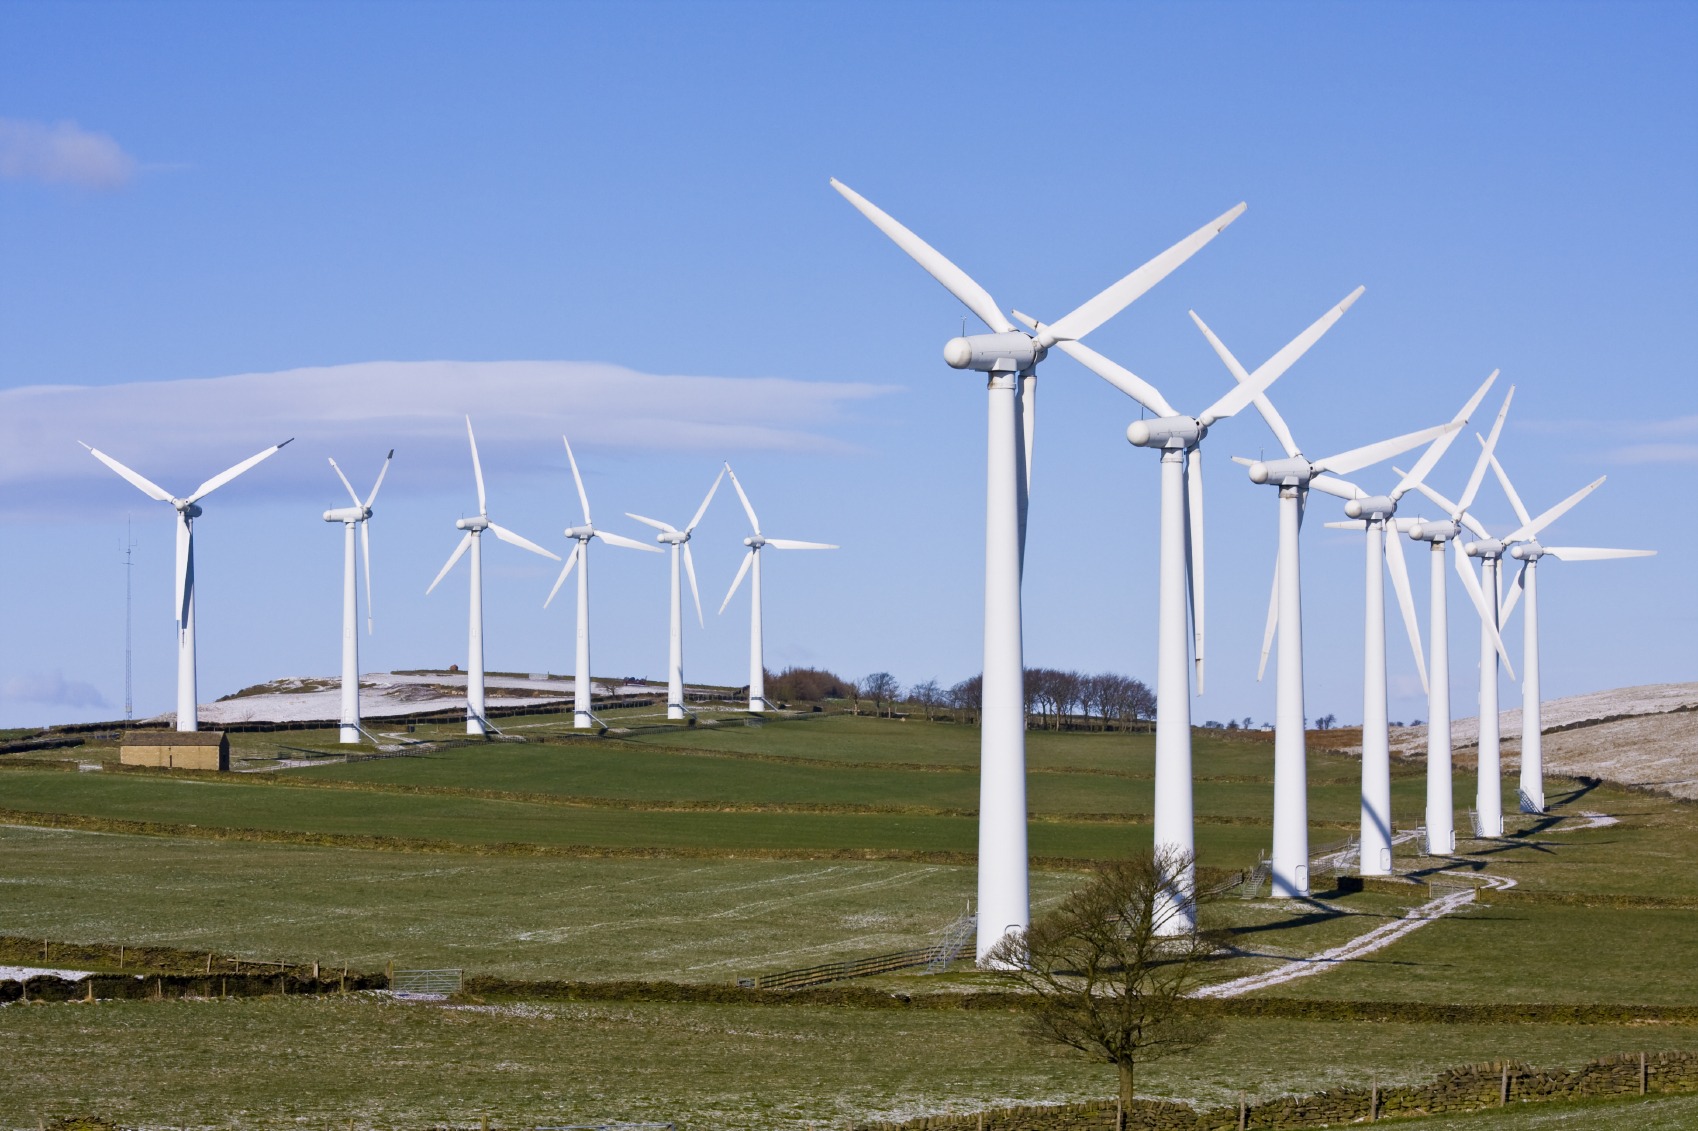 """""""Дочка"""" General Electric поставит ветровые турбины на проект """"Бадамша"""" в Актюбинской области, General Electric, Бадамша, Eni, ВИЭ, Актюбинская область"""